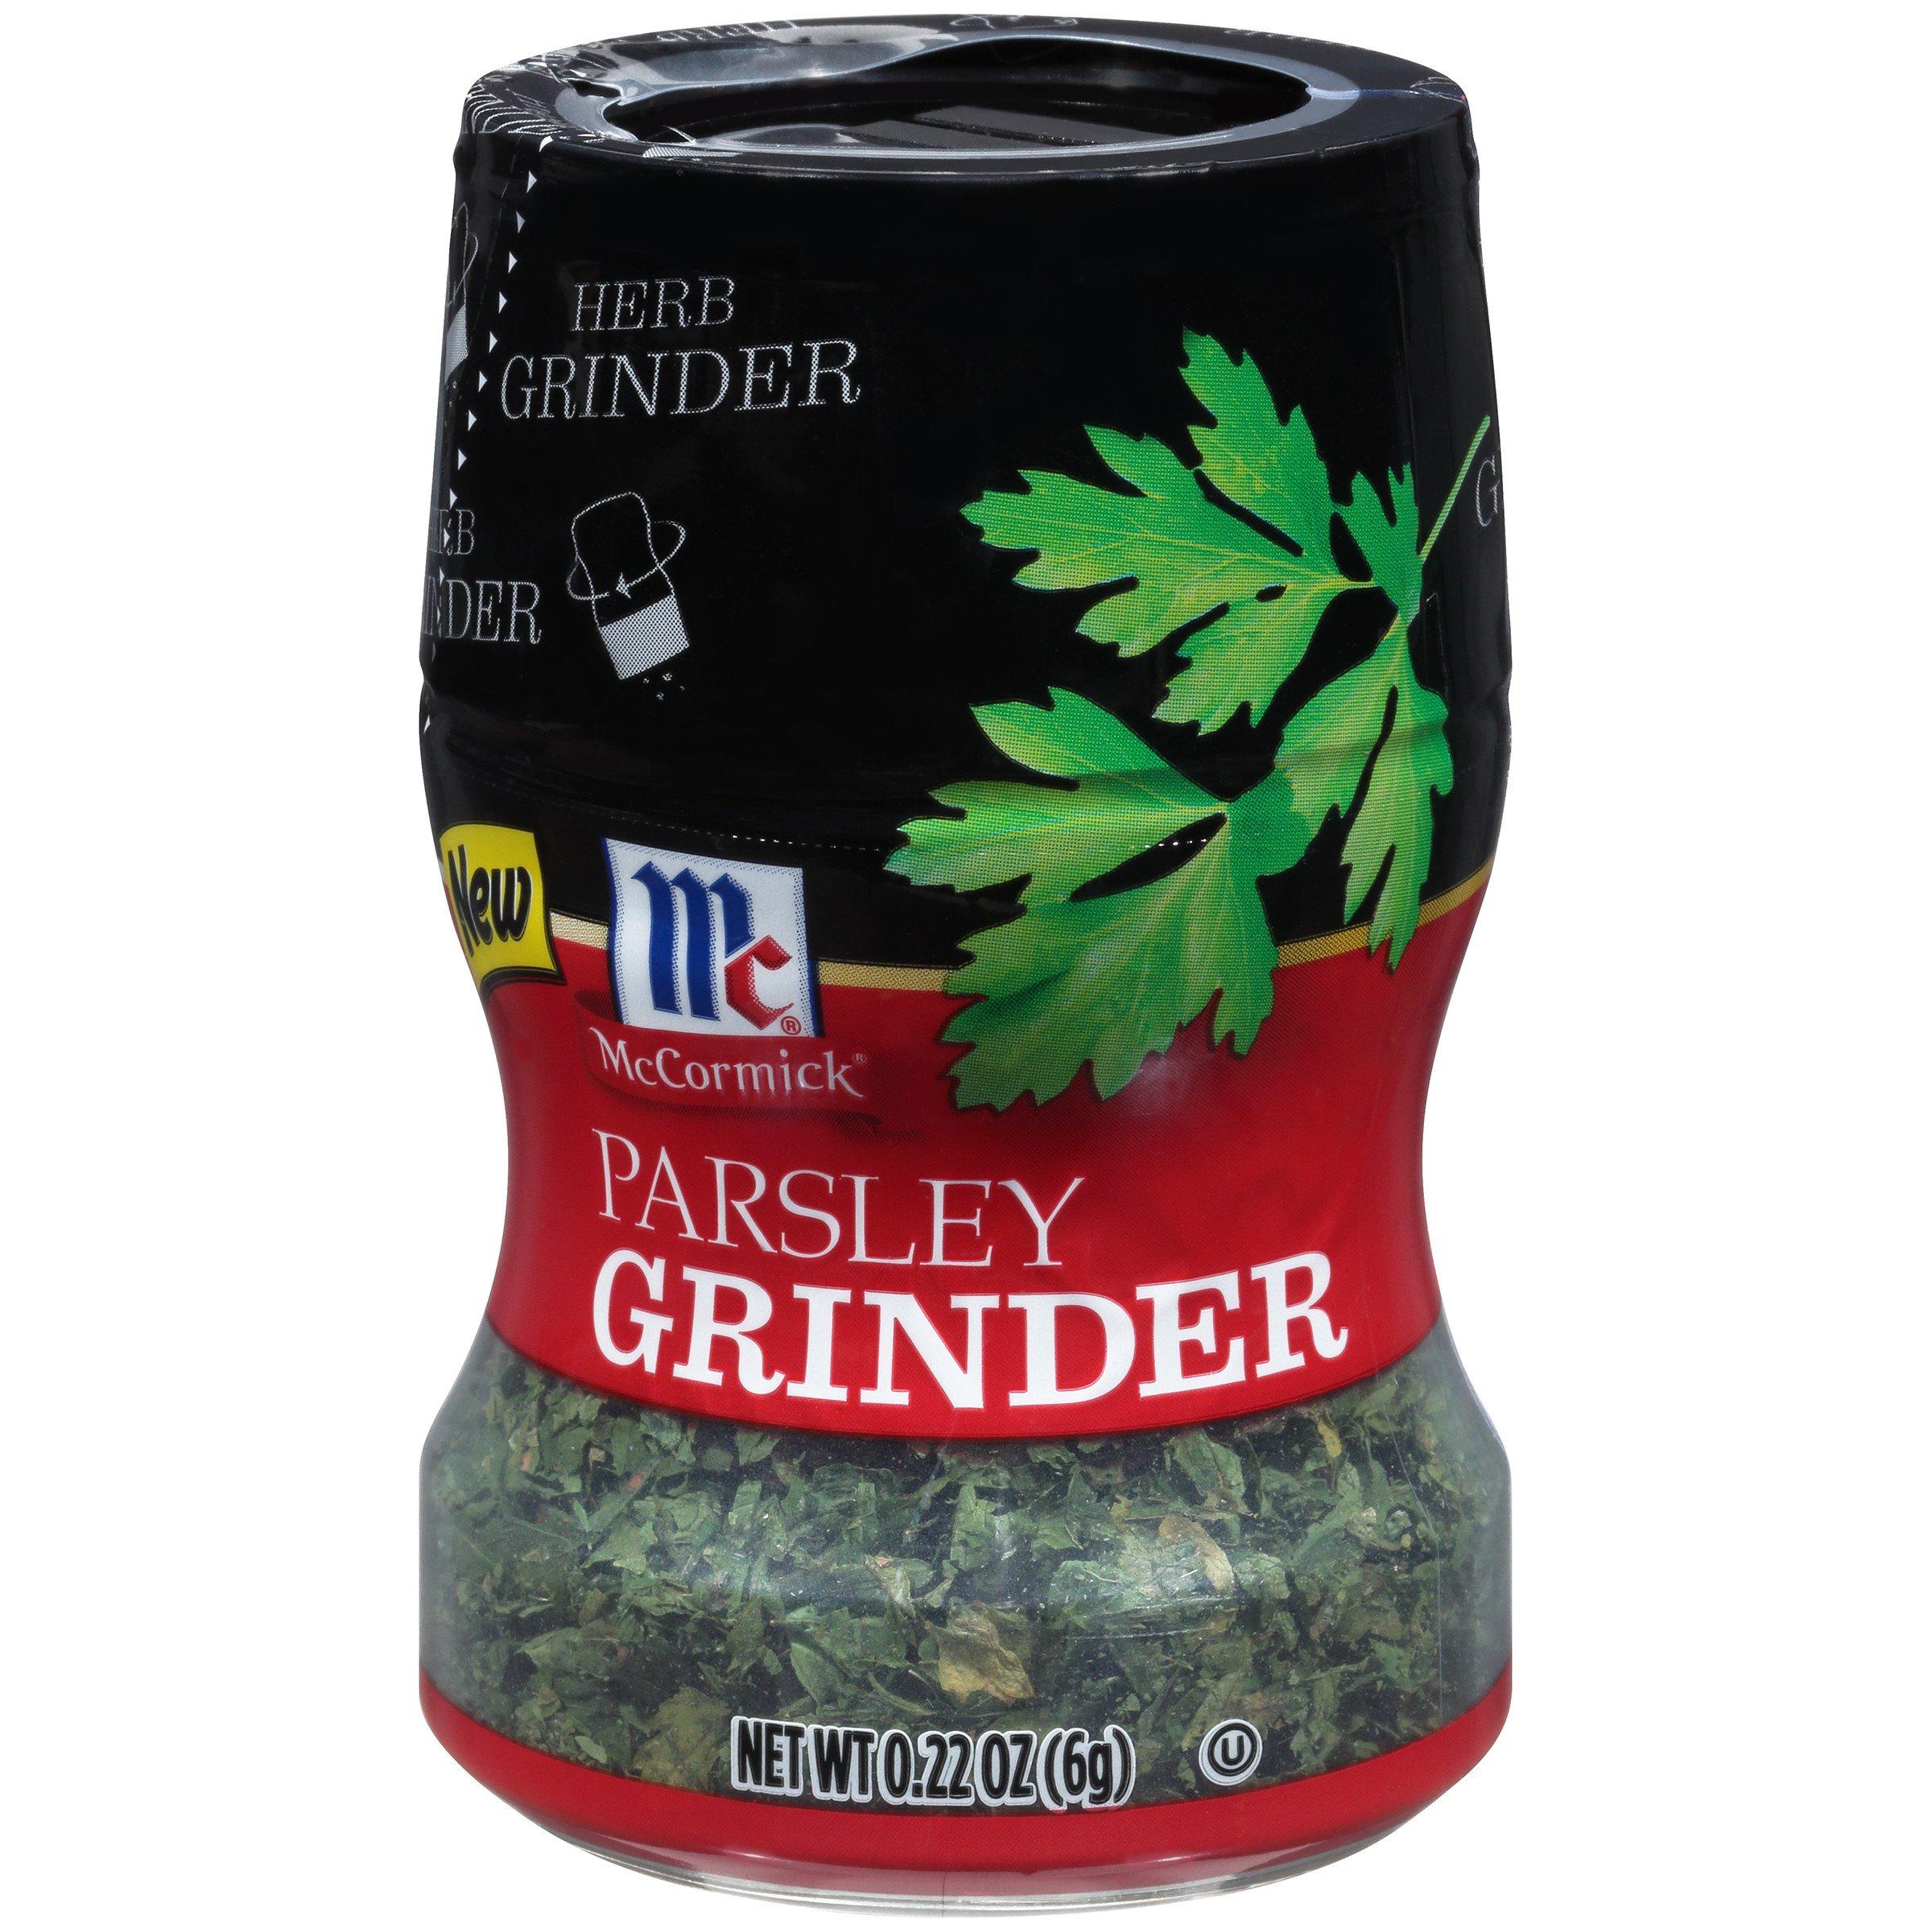 McCormick Parsley Herb Grinder, 0.22 oz